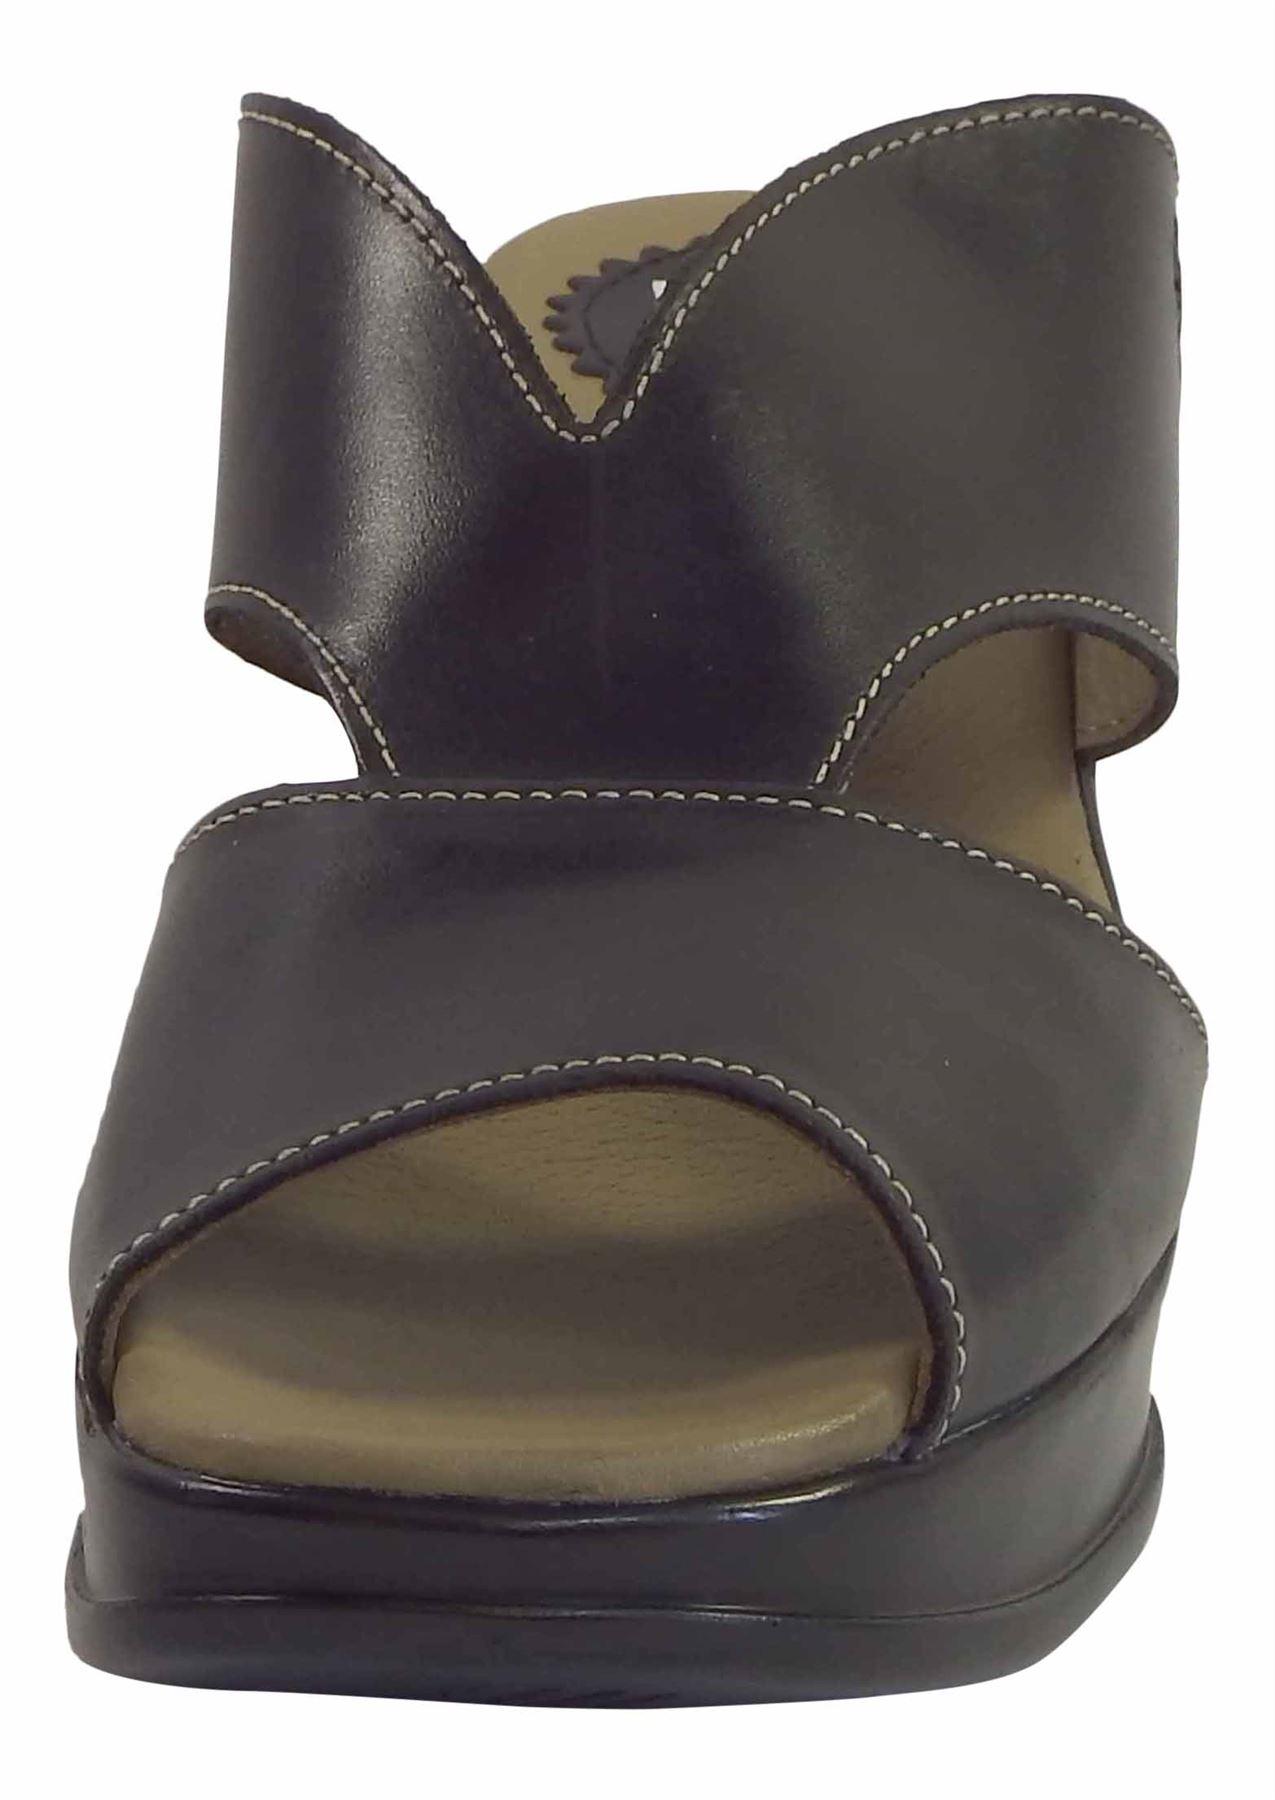 Fly-London-Ladies-HOOK890FLY-Luxury-Rug-Leather-Slip-On-Wedge-Platform-Mules